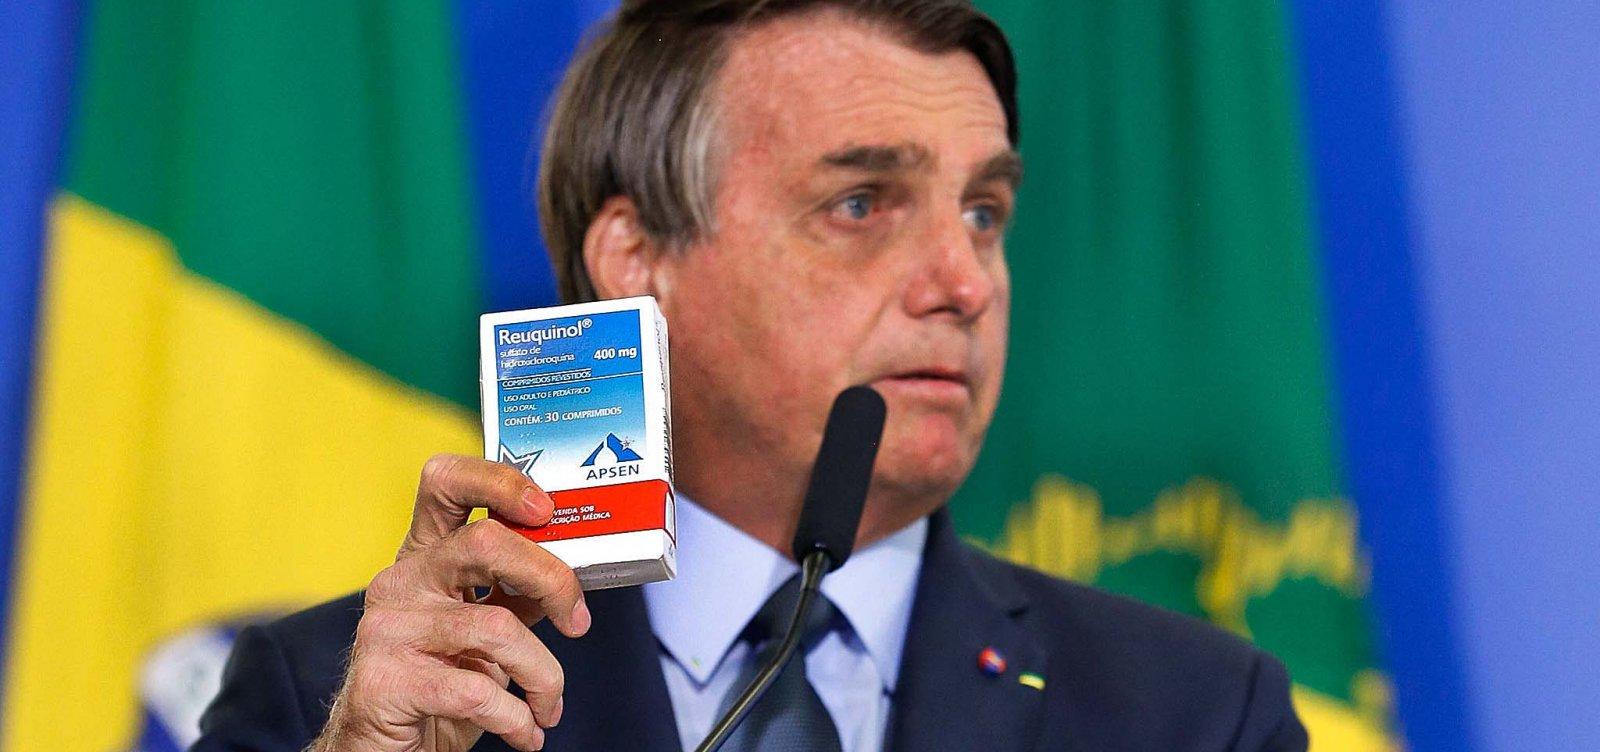 Bolsonaro admite possibilidade da ineficácia da cloroquina no combate à Covid-19